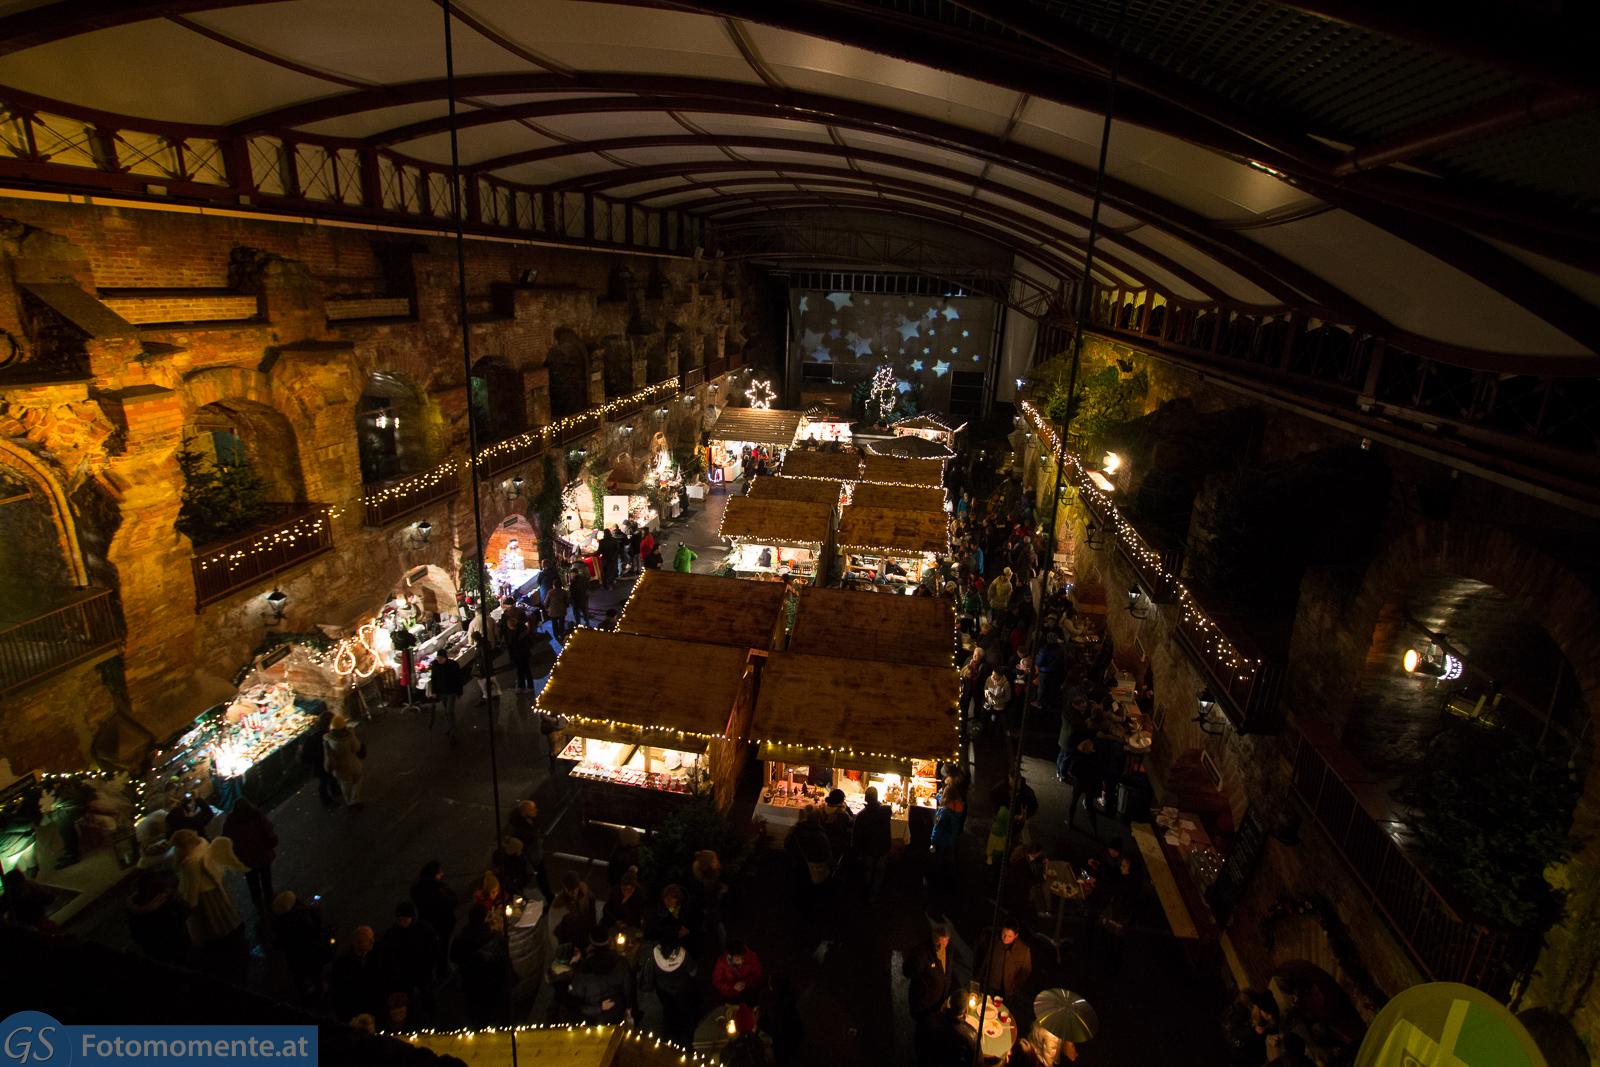 Aufsteirern Weihnachtsmarkt Schlossberg Graz Kasematten 2 - Aufsteirern-Weihnachtsmarkt am Schlossberg